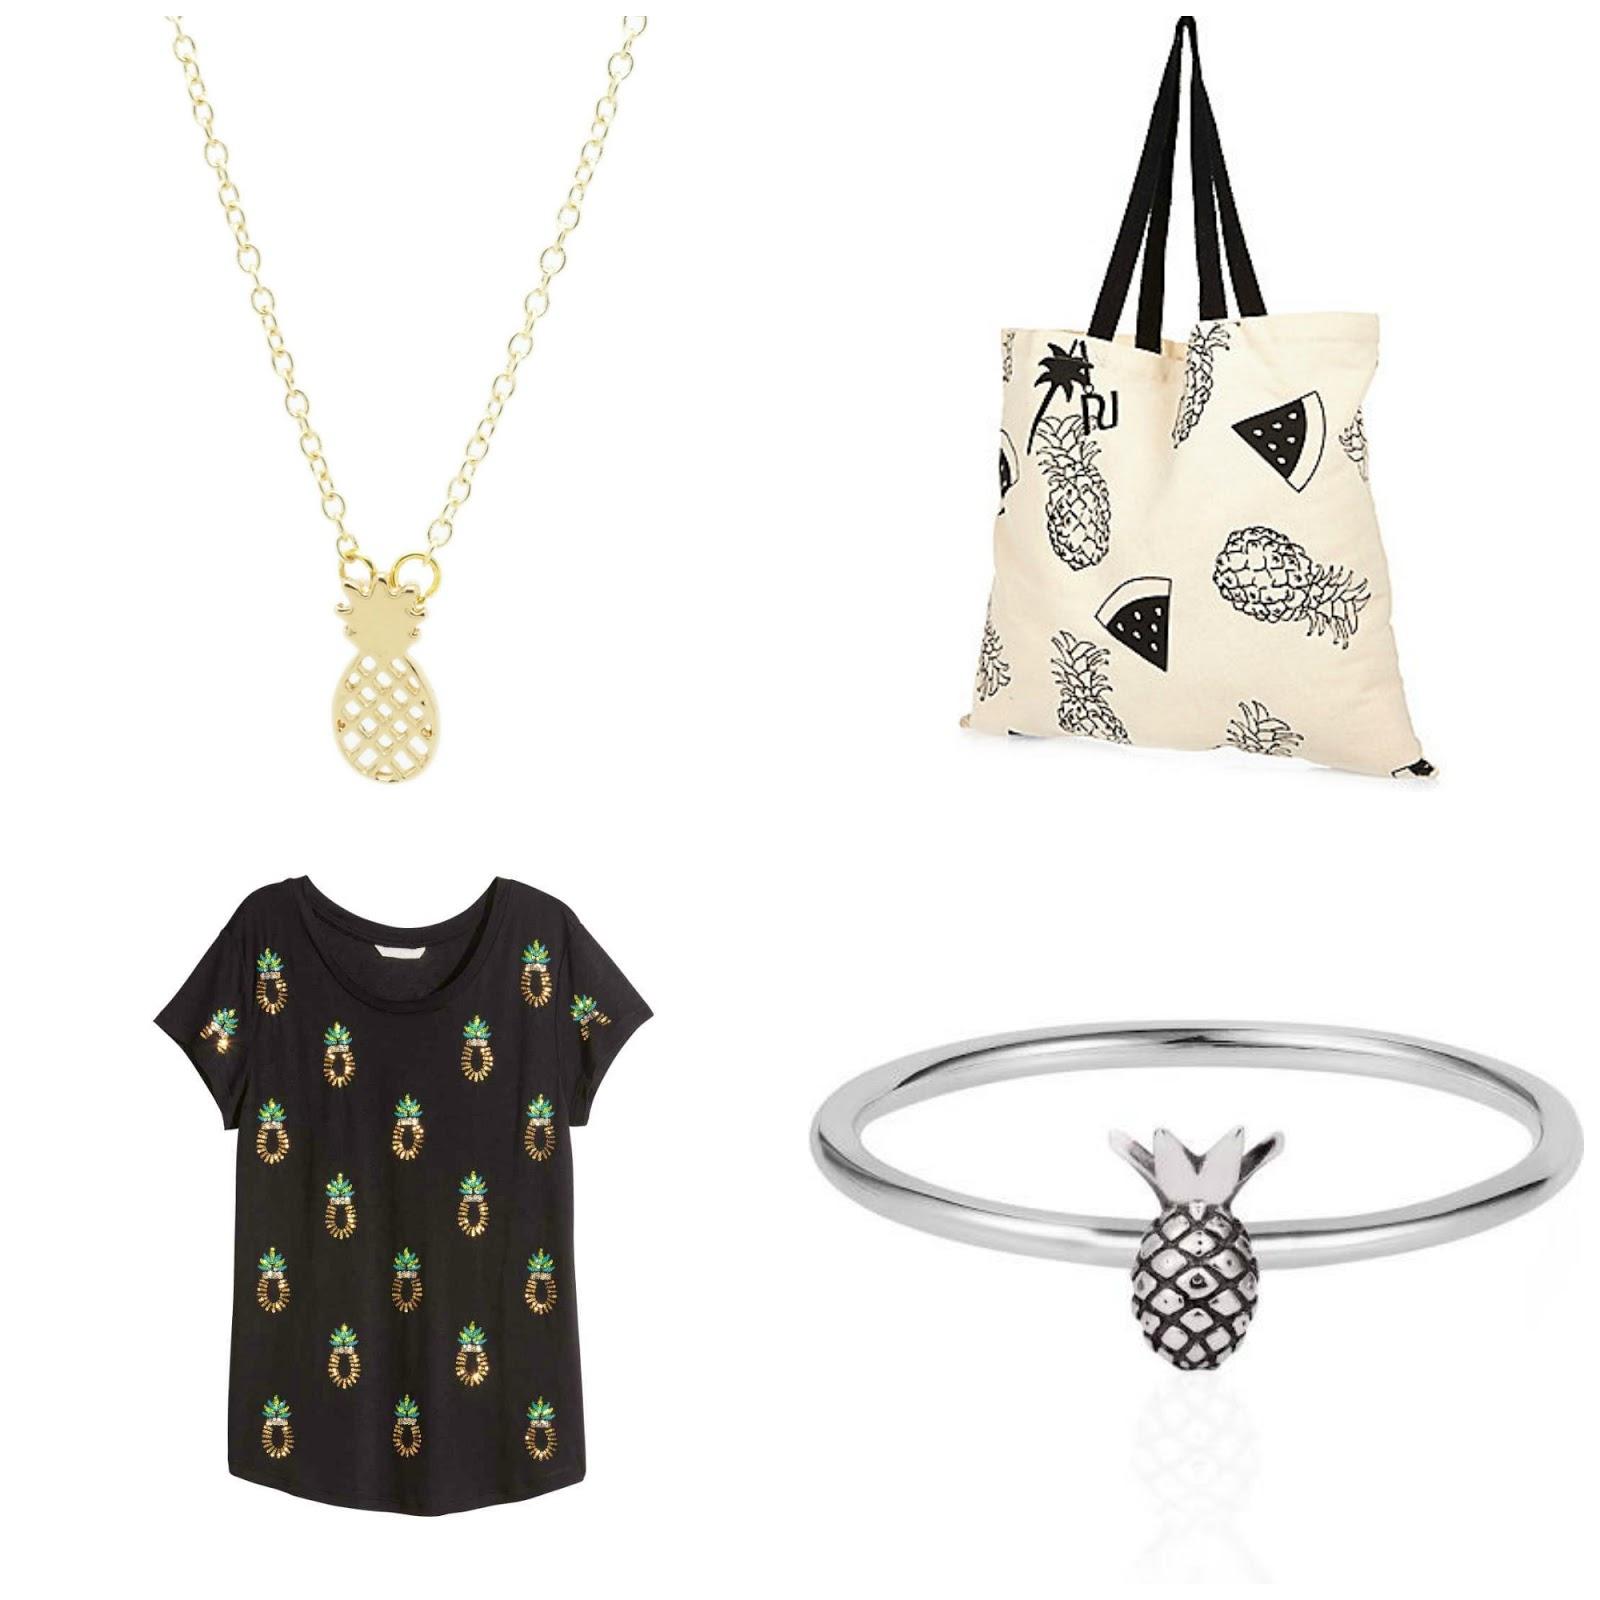 Pineapple Accessories pineapple accessories - em's mixed bag